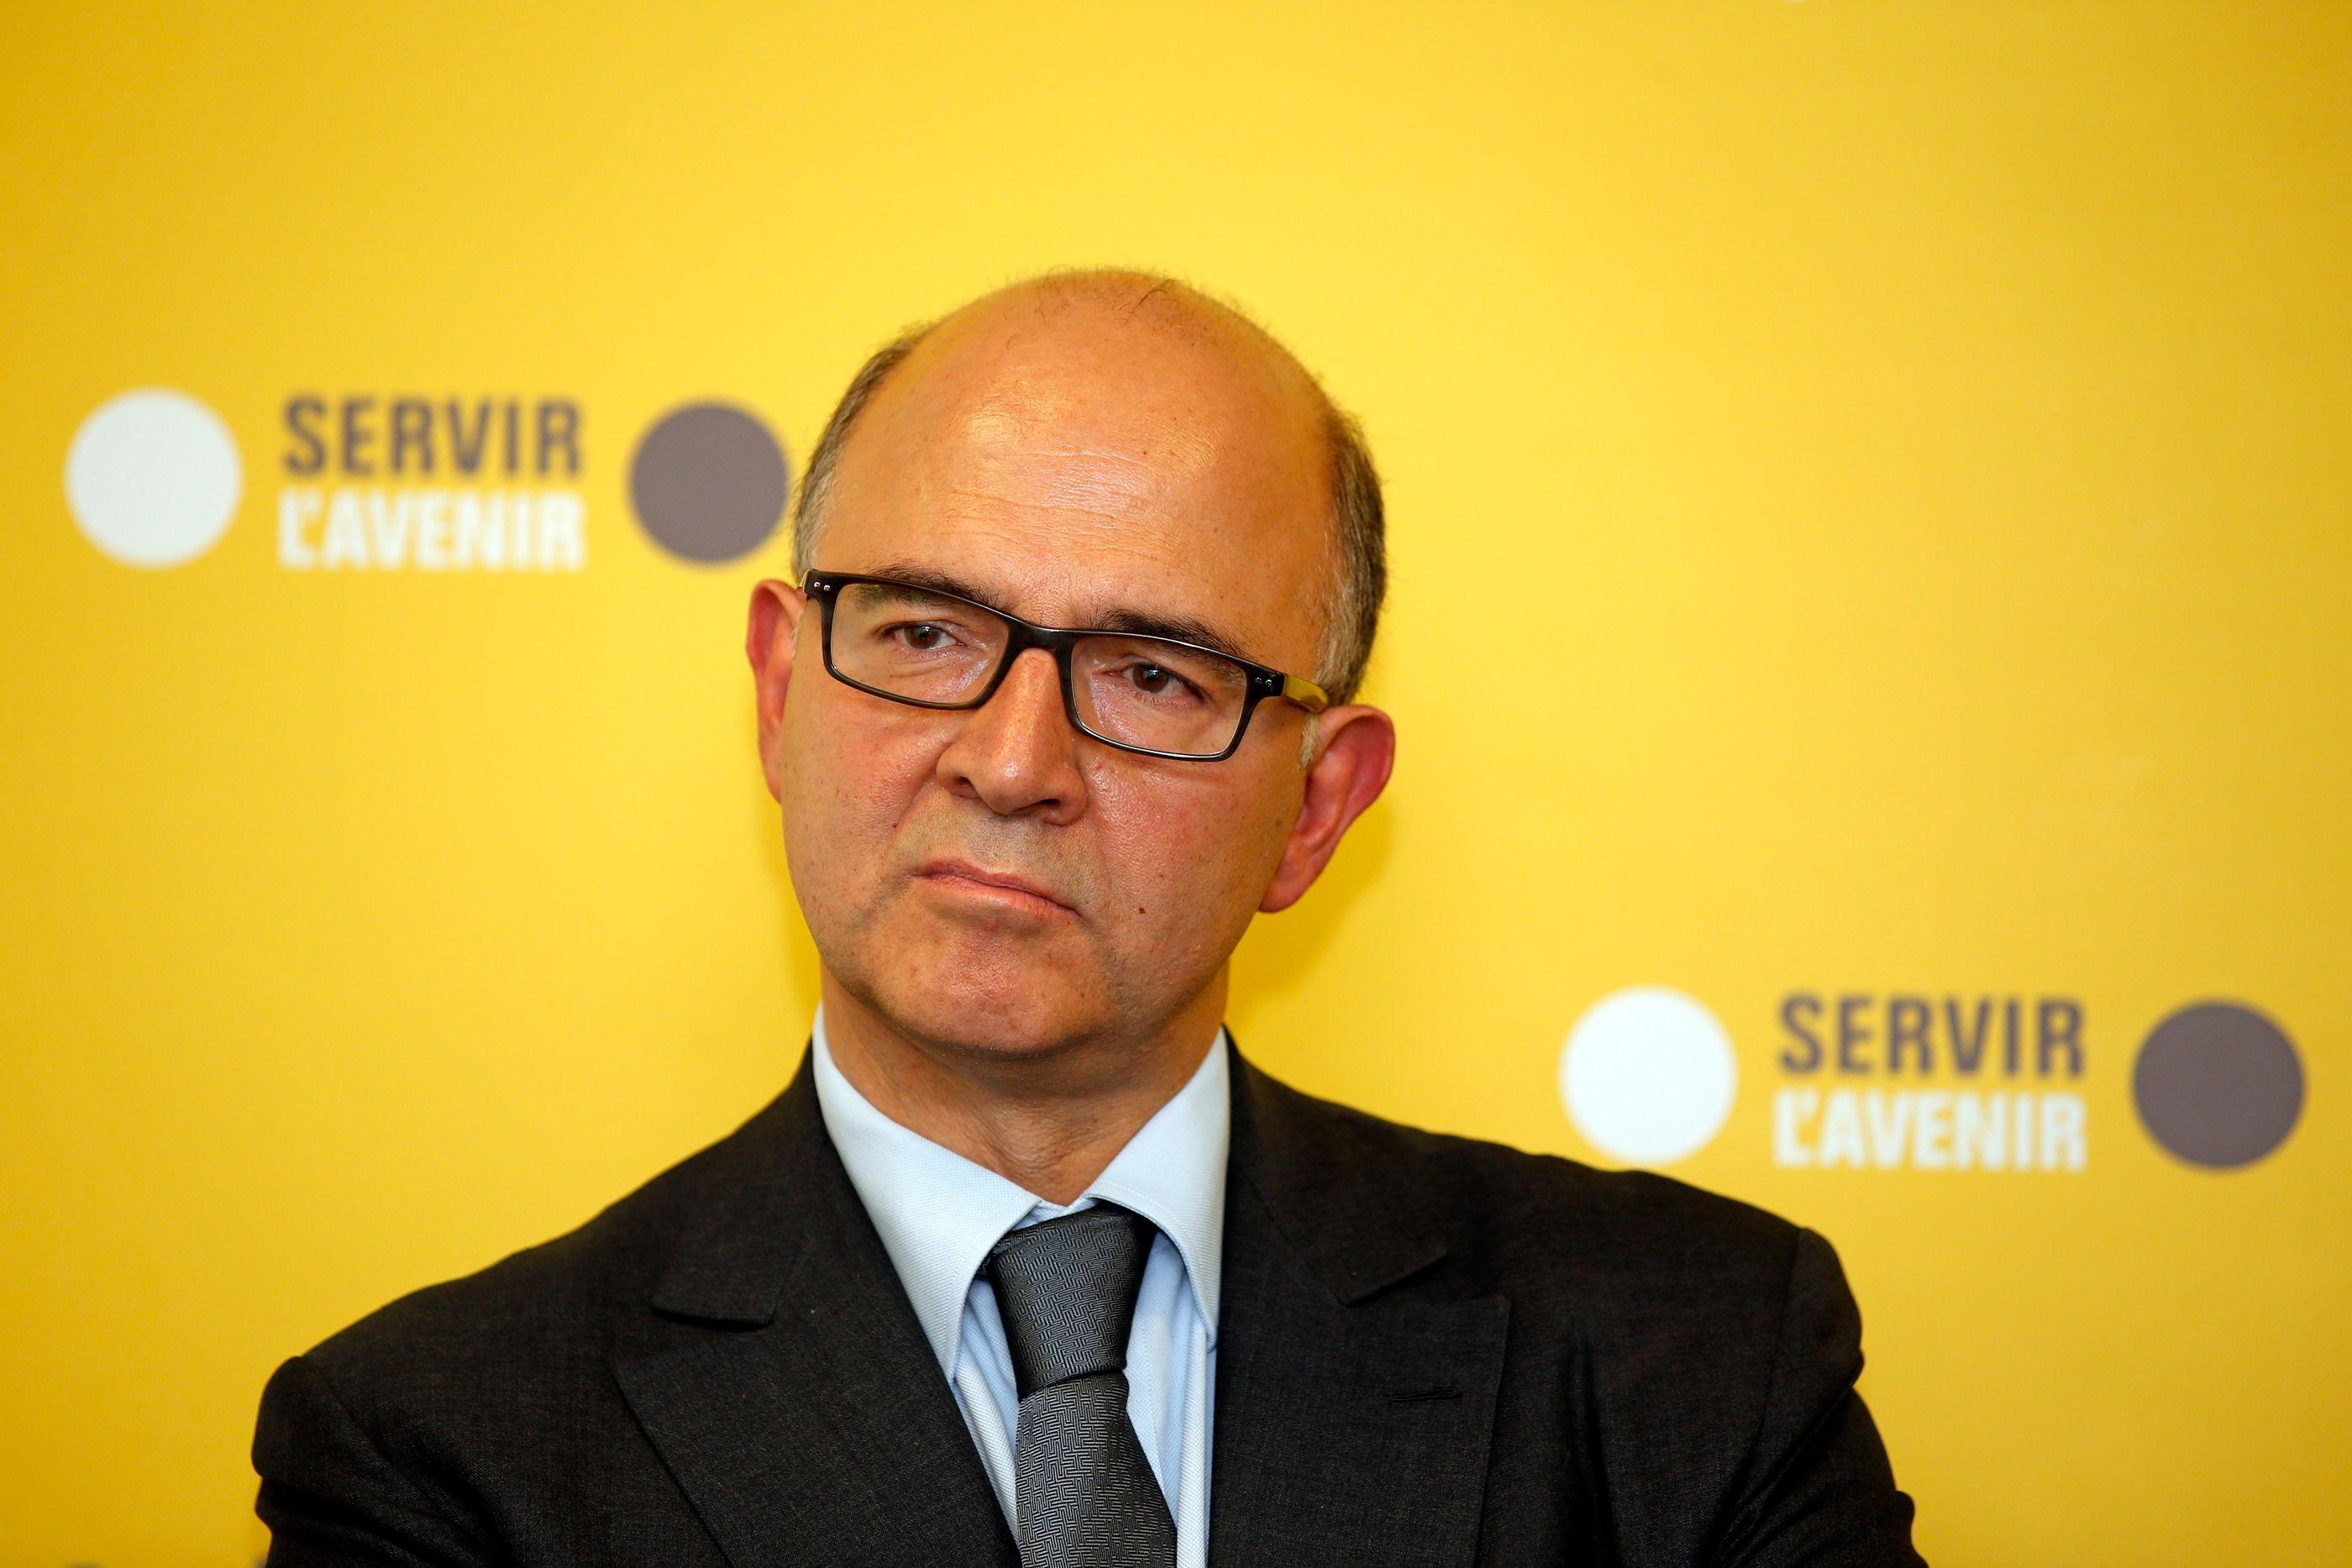 """Dans une interview à France Info, le ministre de l'Economie et des Finances, Pierre Moscovici, a estimé qu'""""il n'y [avait] plus de raison de ne pas embaucher"""